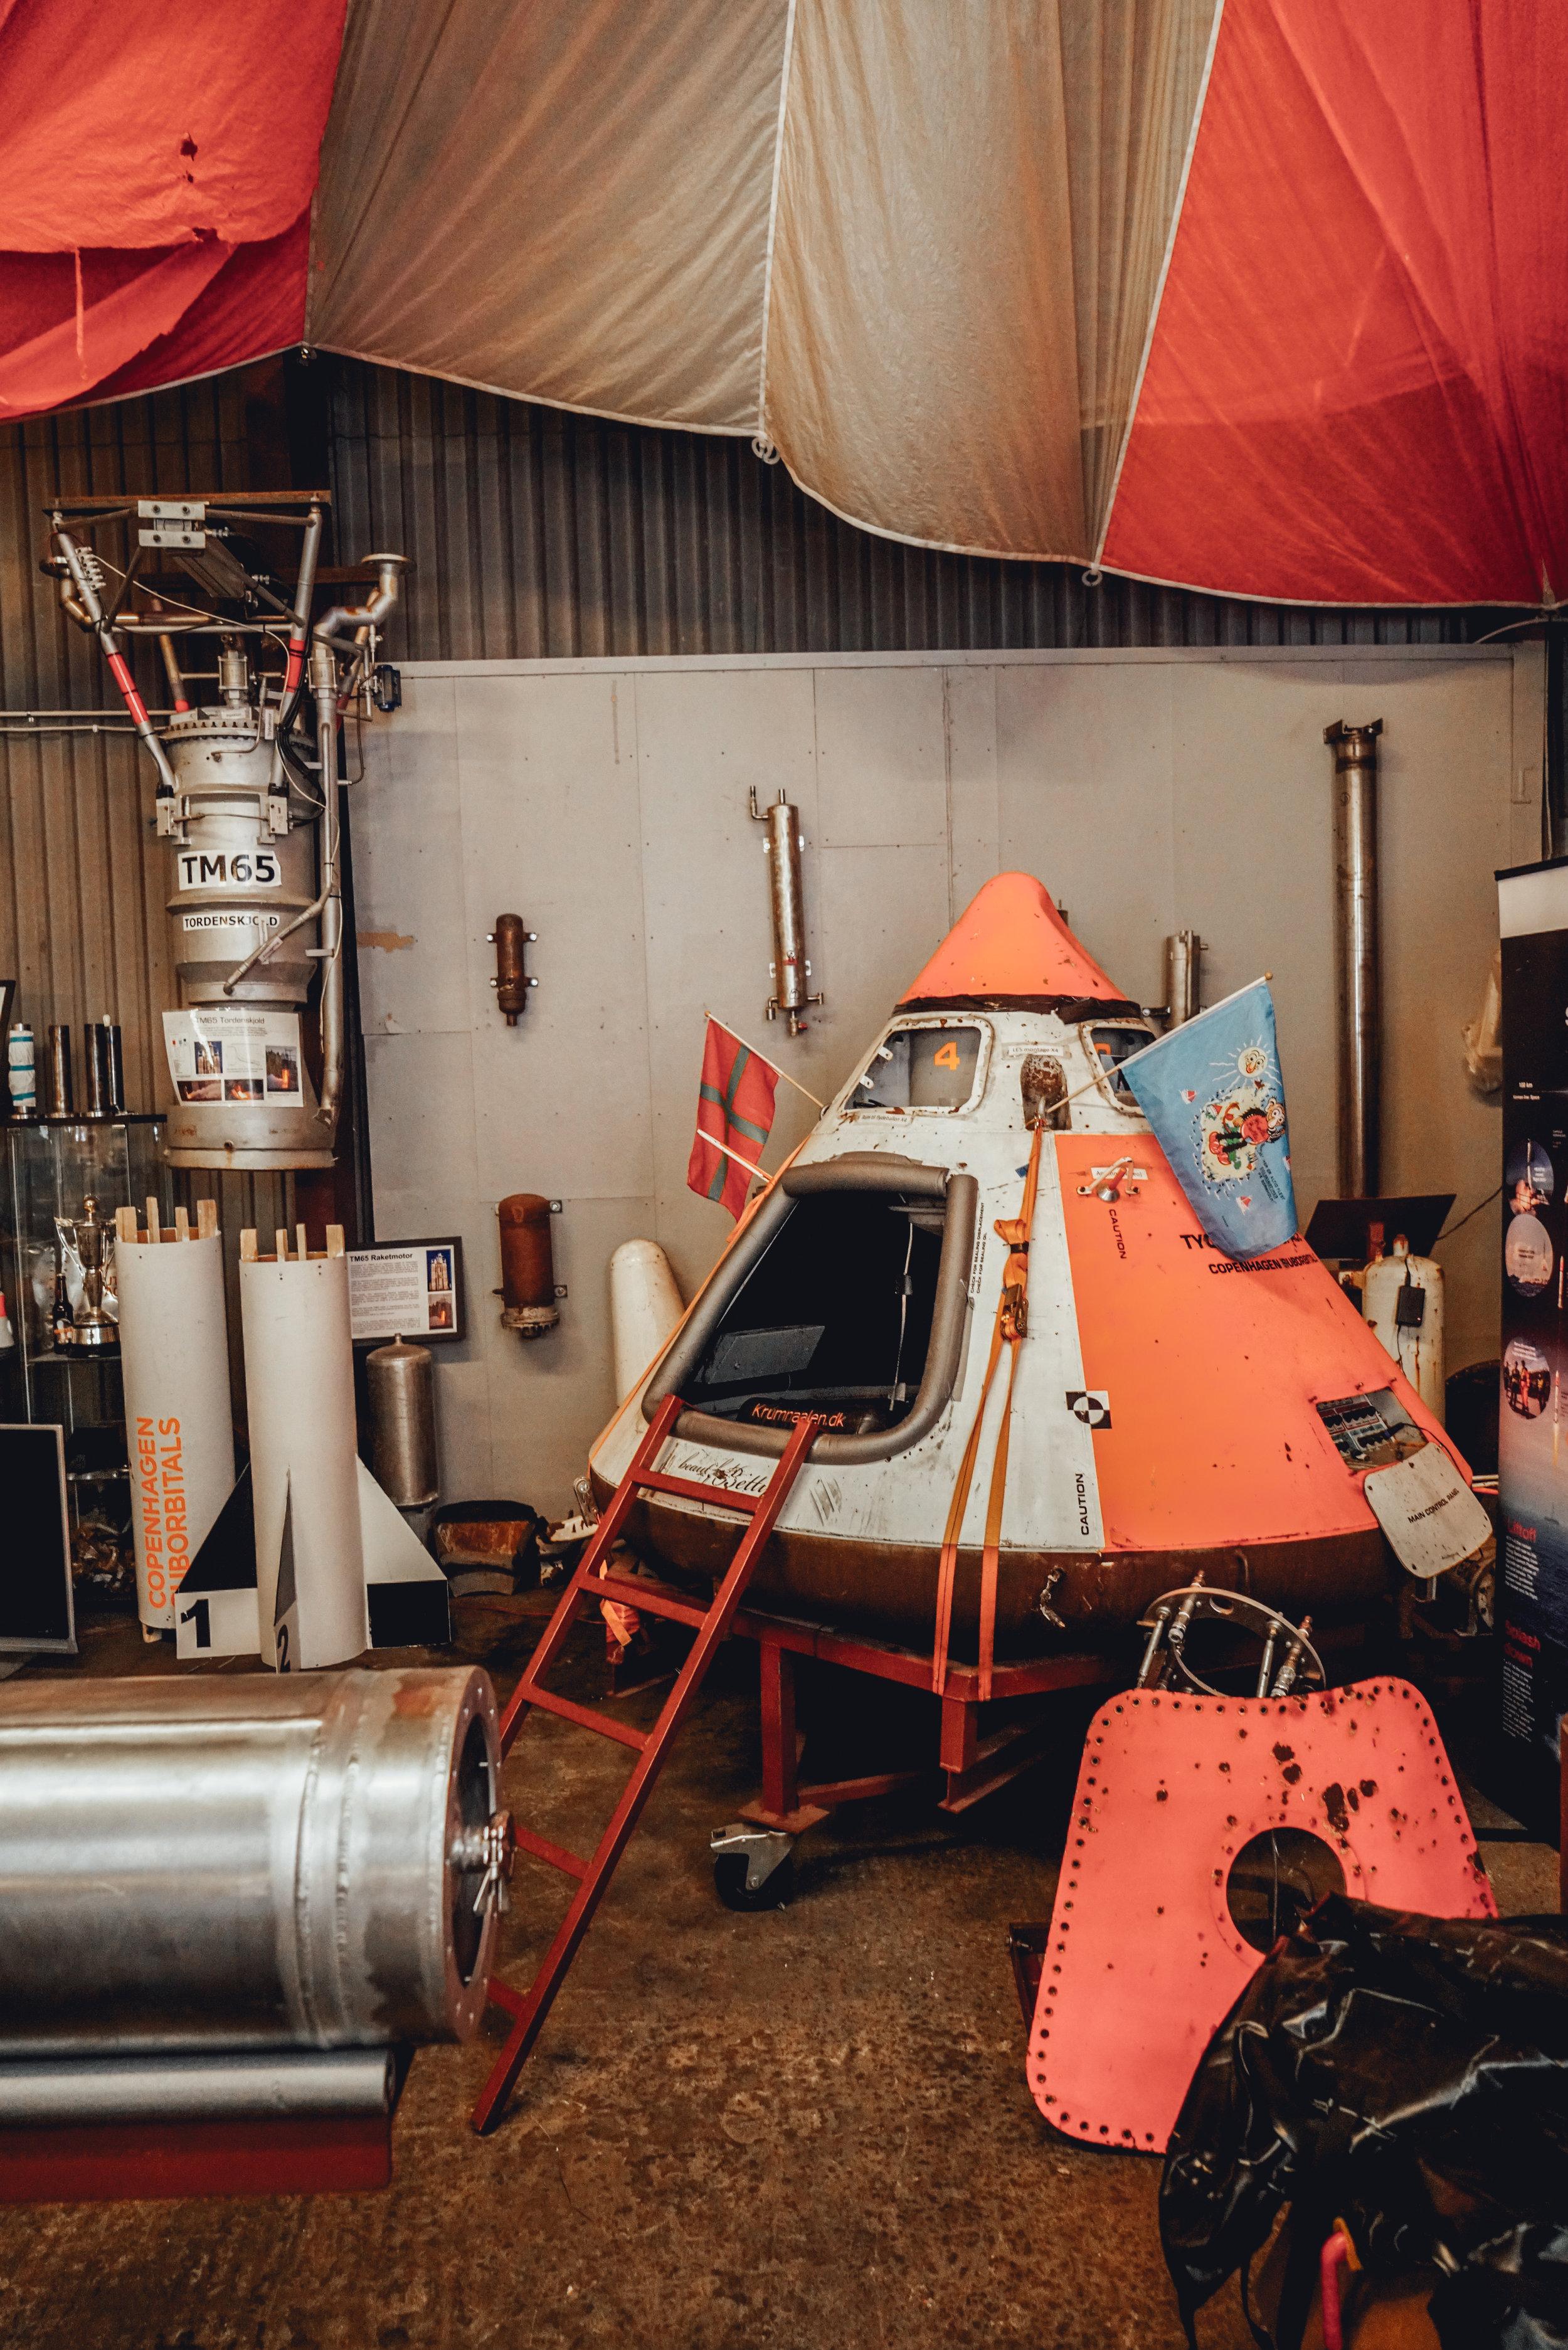 Copenhagen Suborbitals space capsule